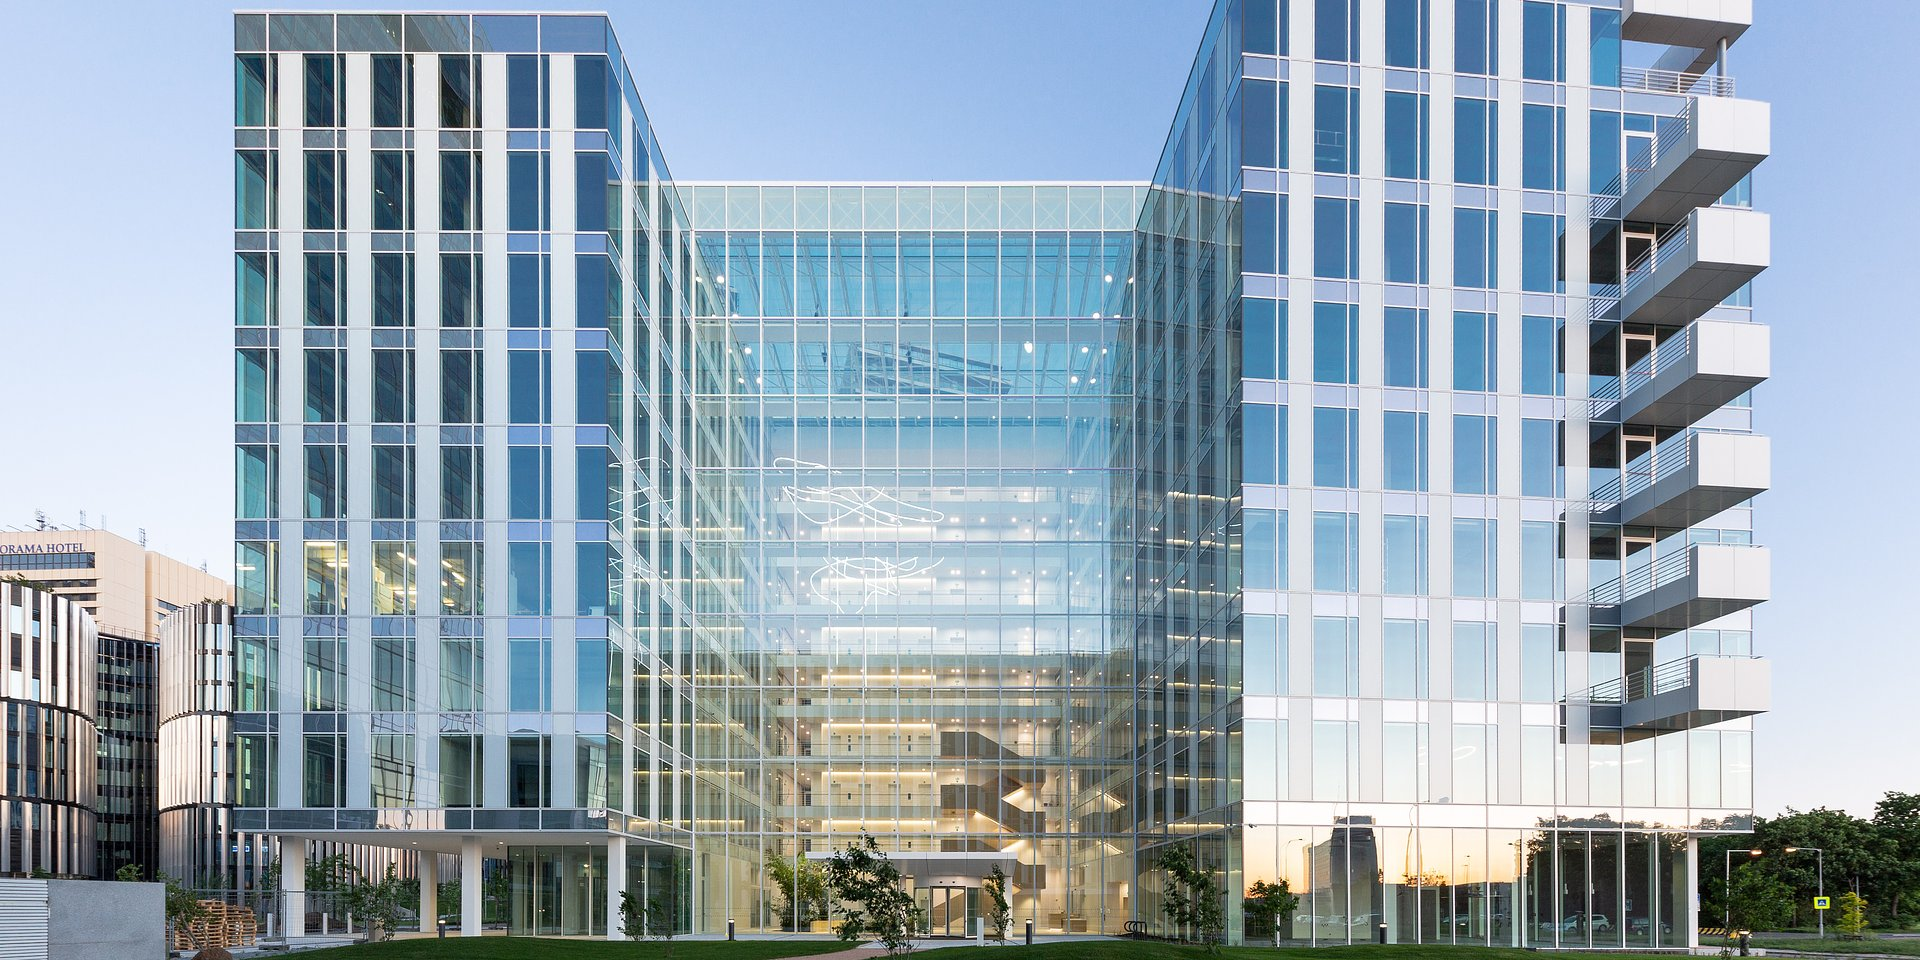 Investice do nemovitostí oživují. Nejvíce lákají kanceláře, sklady a retailové parky